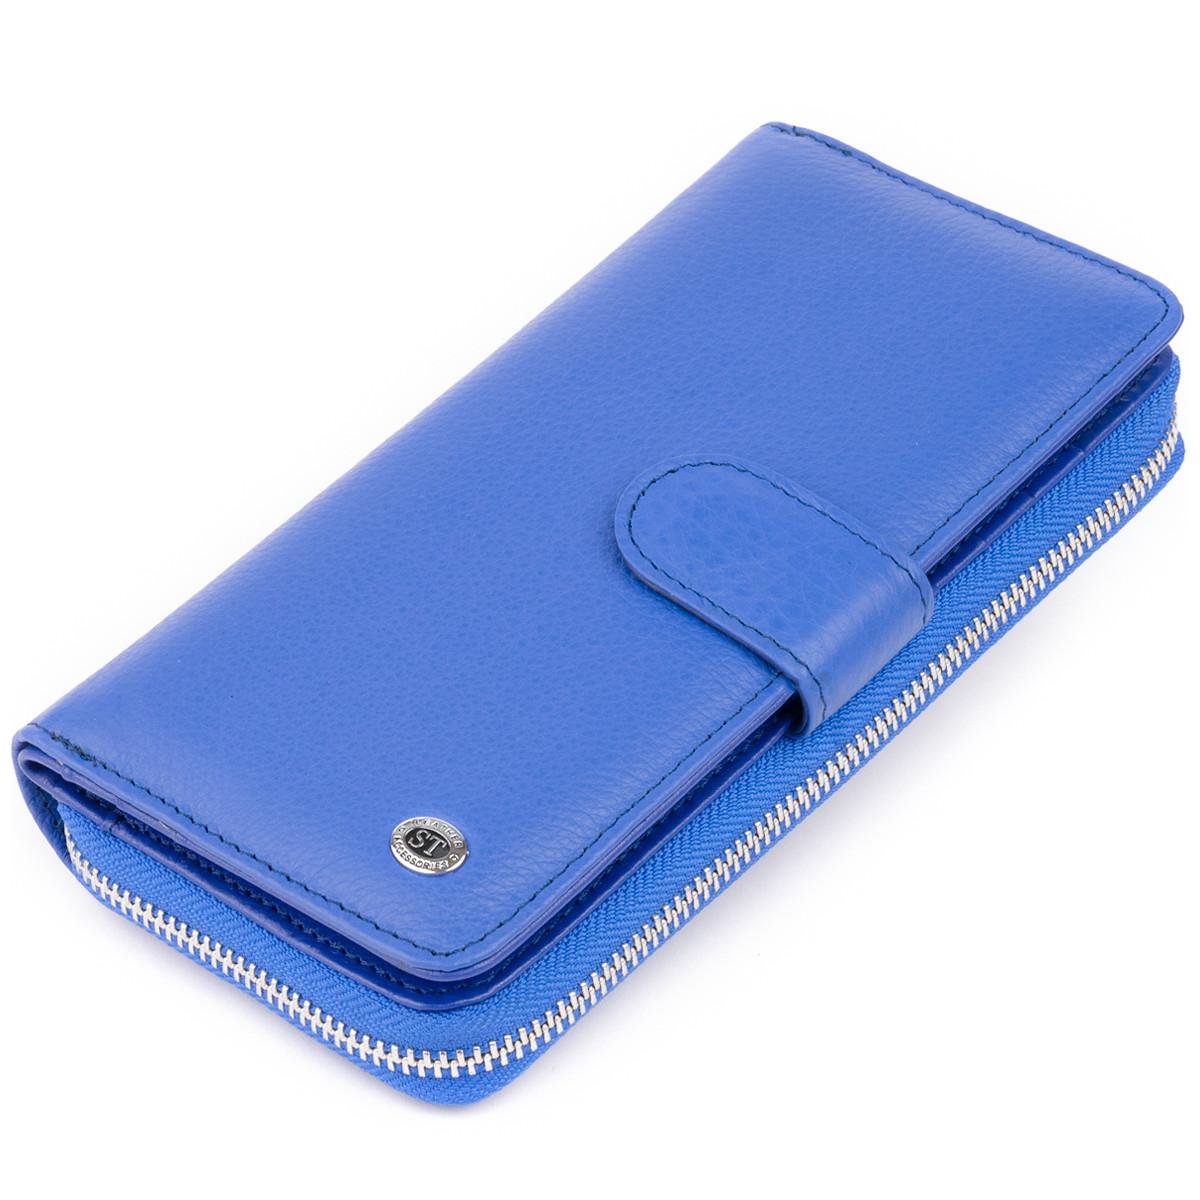 Вертикальний місткий гаманець зі шкіри унісекс ST Leather 19305 Синій